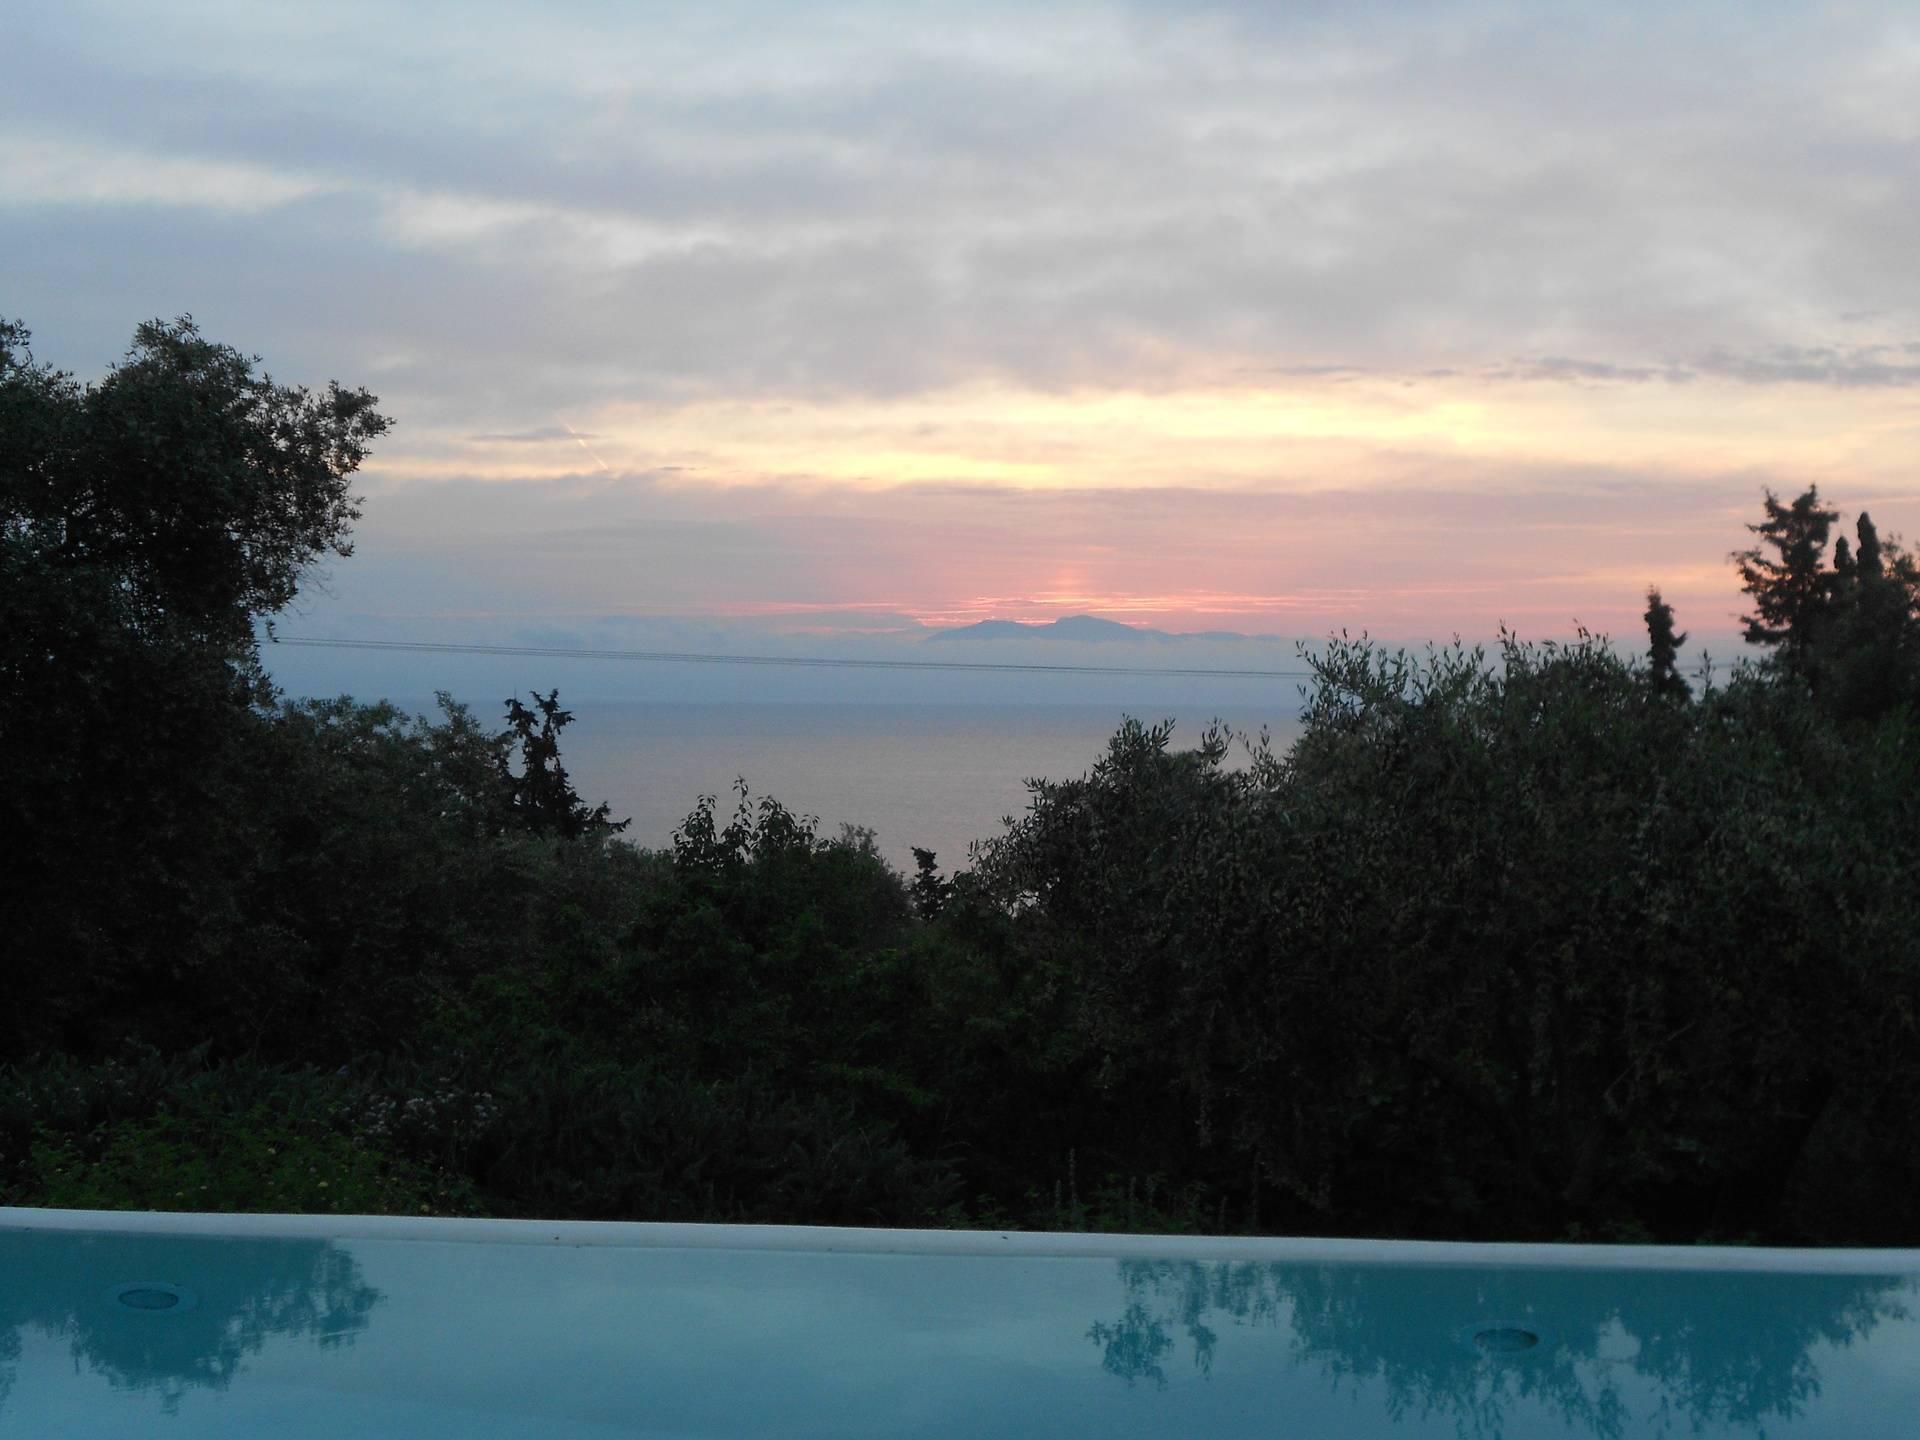 Sunrise at Lithia near Orkos beach